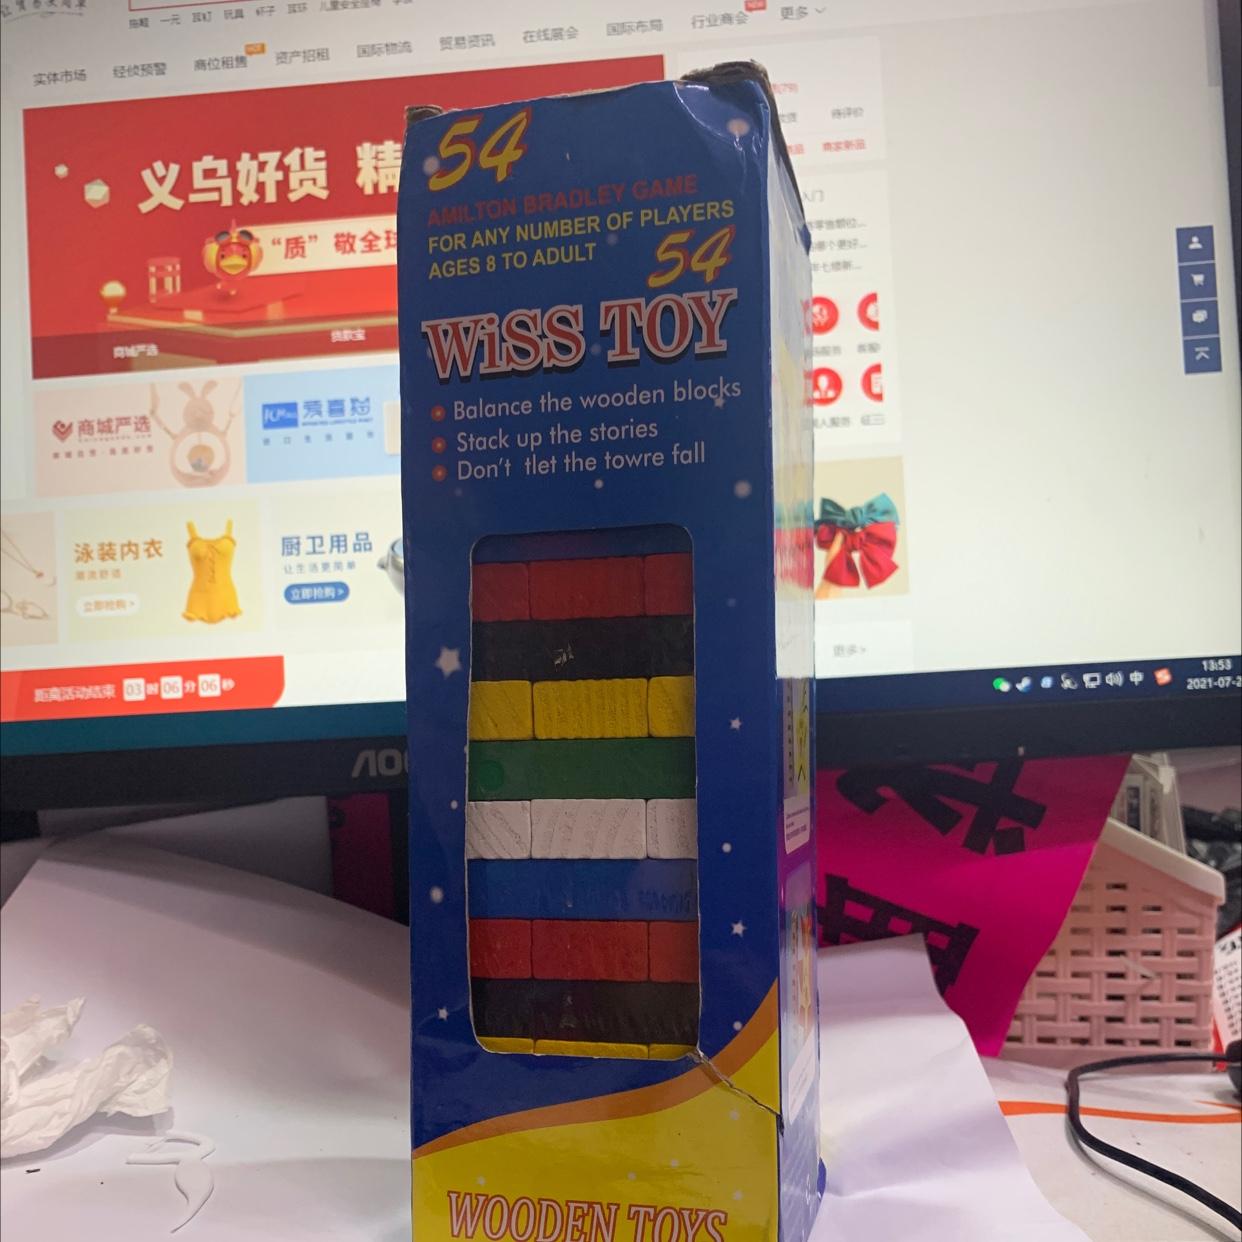 54里蓝盒彩色叠叠高